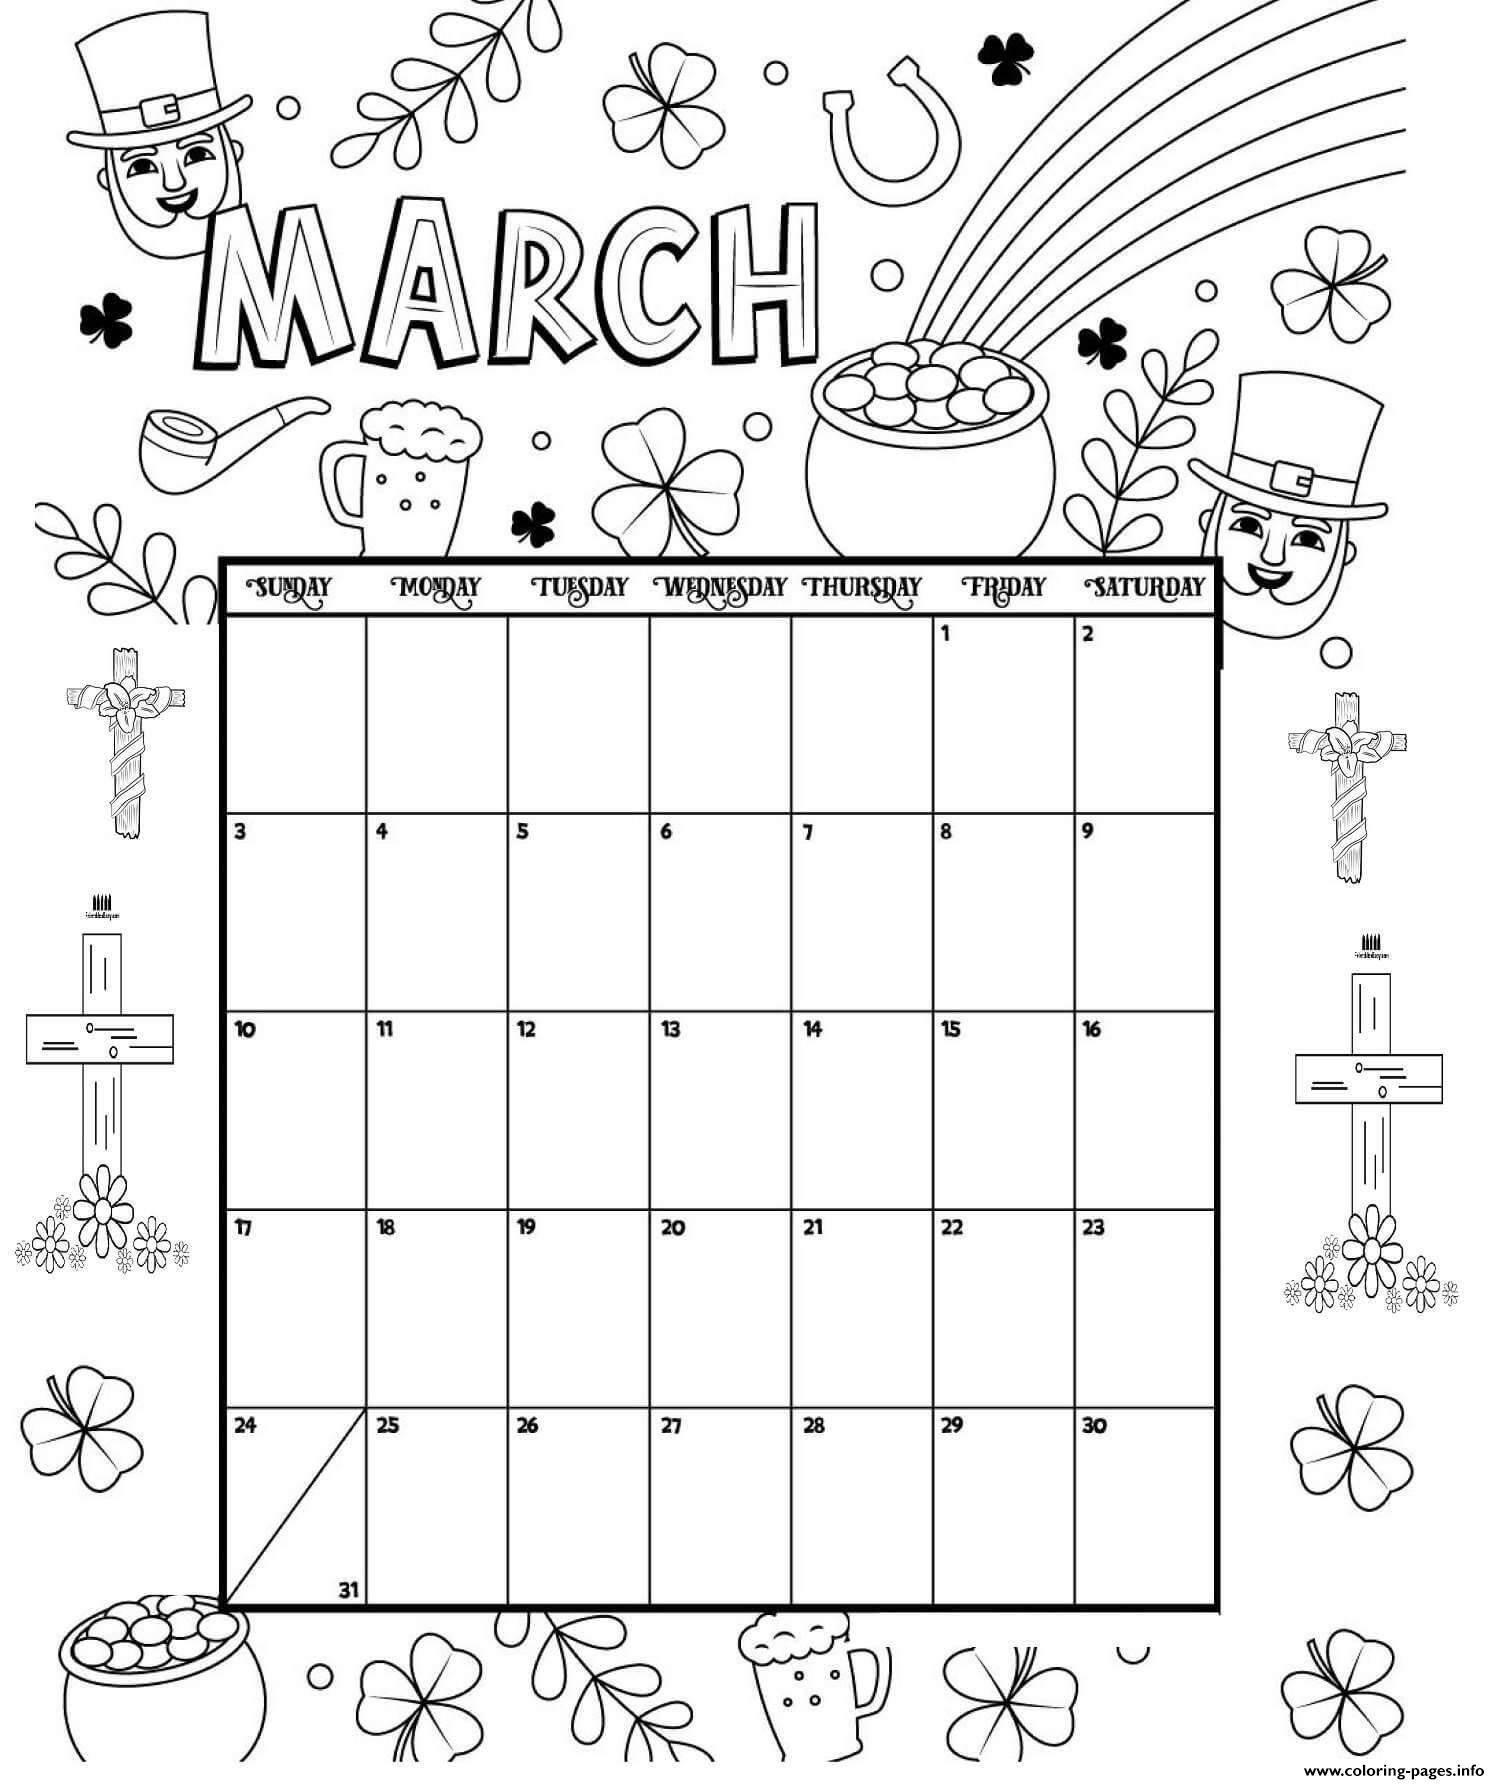 10 Printable 2019 Coloring Calendar Coloring Calendar Kids Calendar Calendar Printables [ 1784 x 1500 Pixel ]